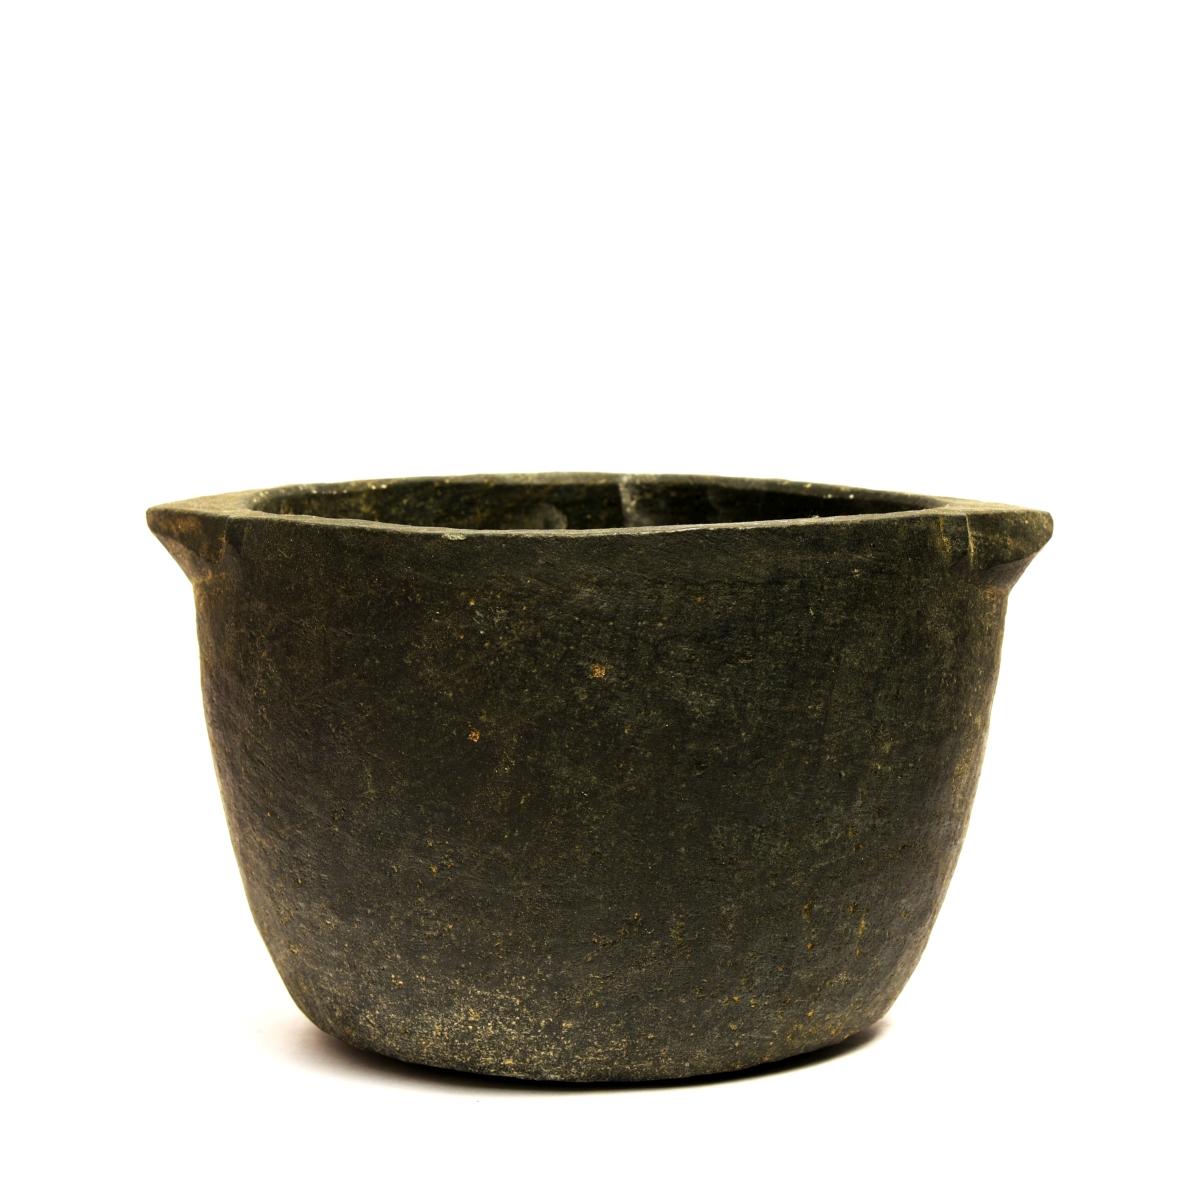 Seasoned Soapstone Cook pots - 2.0 ltr